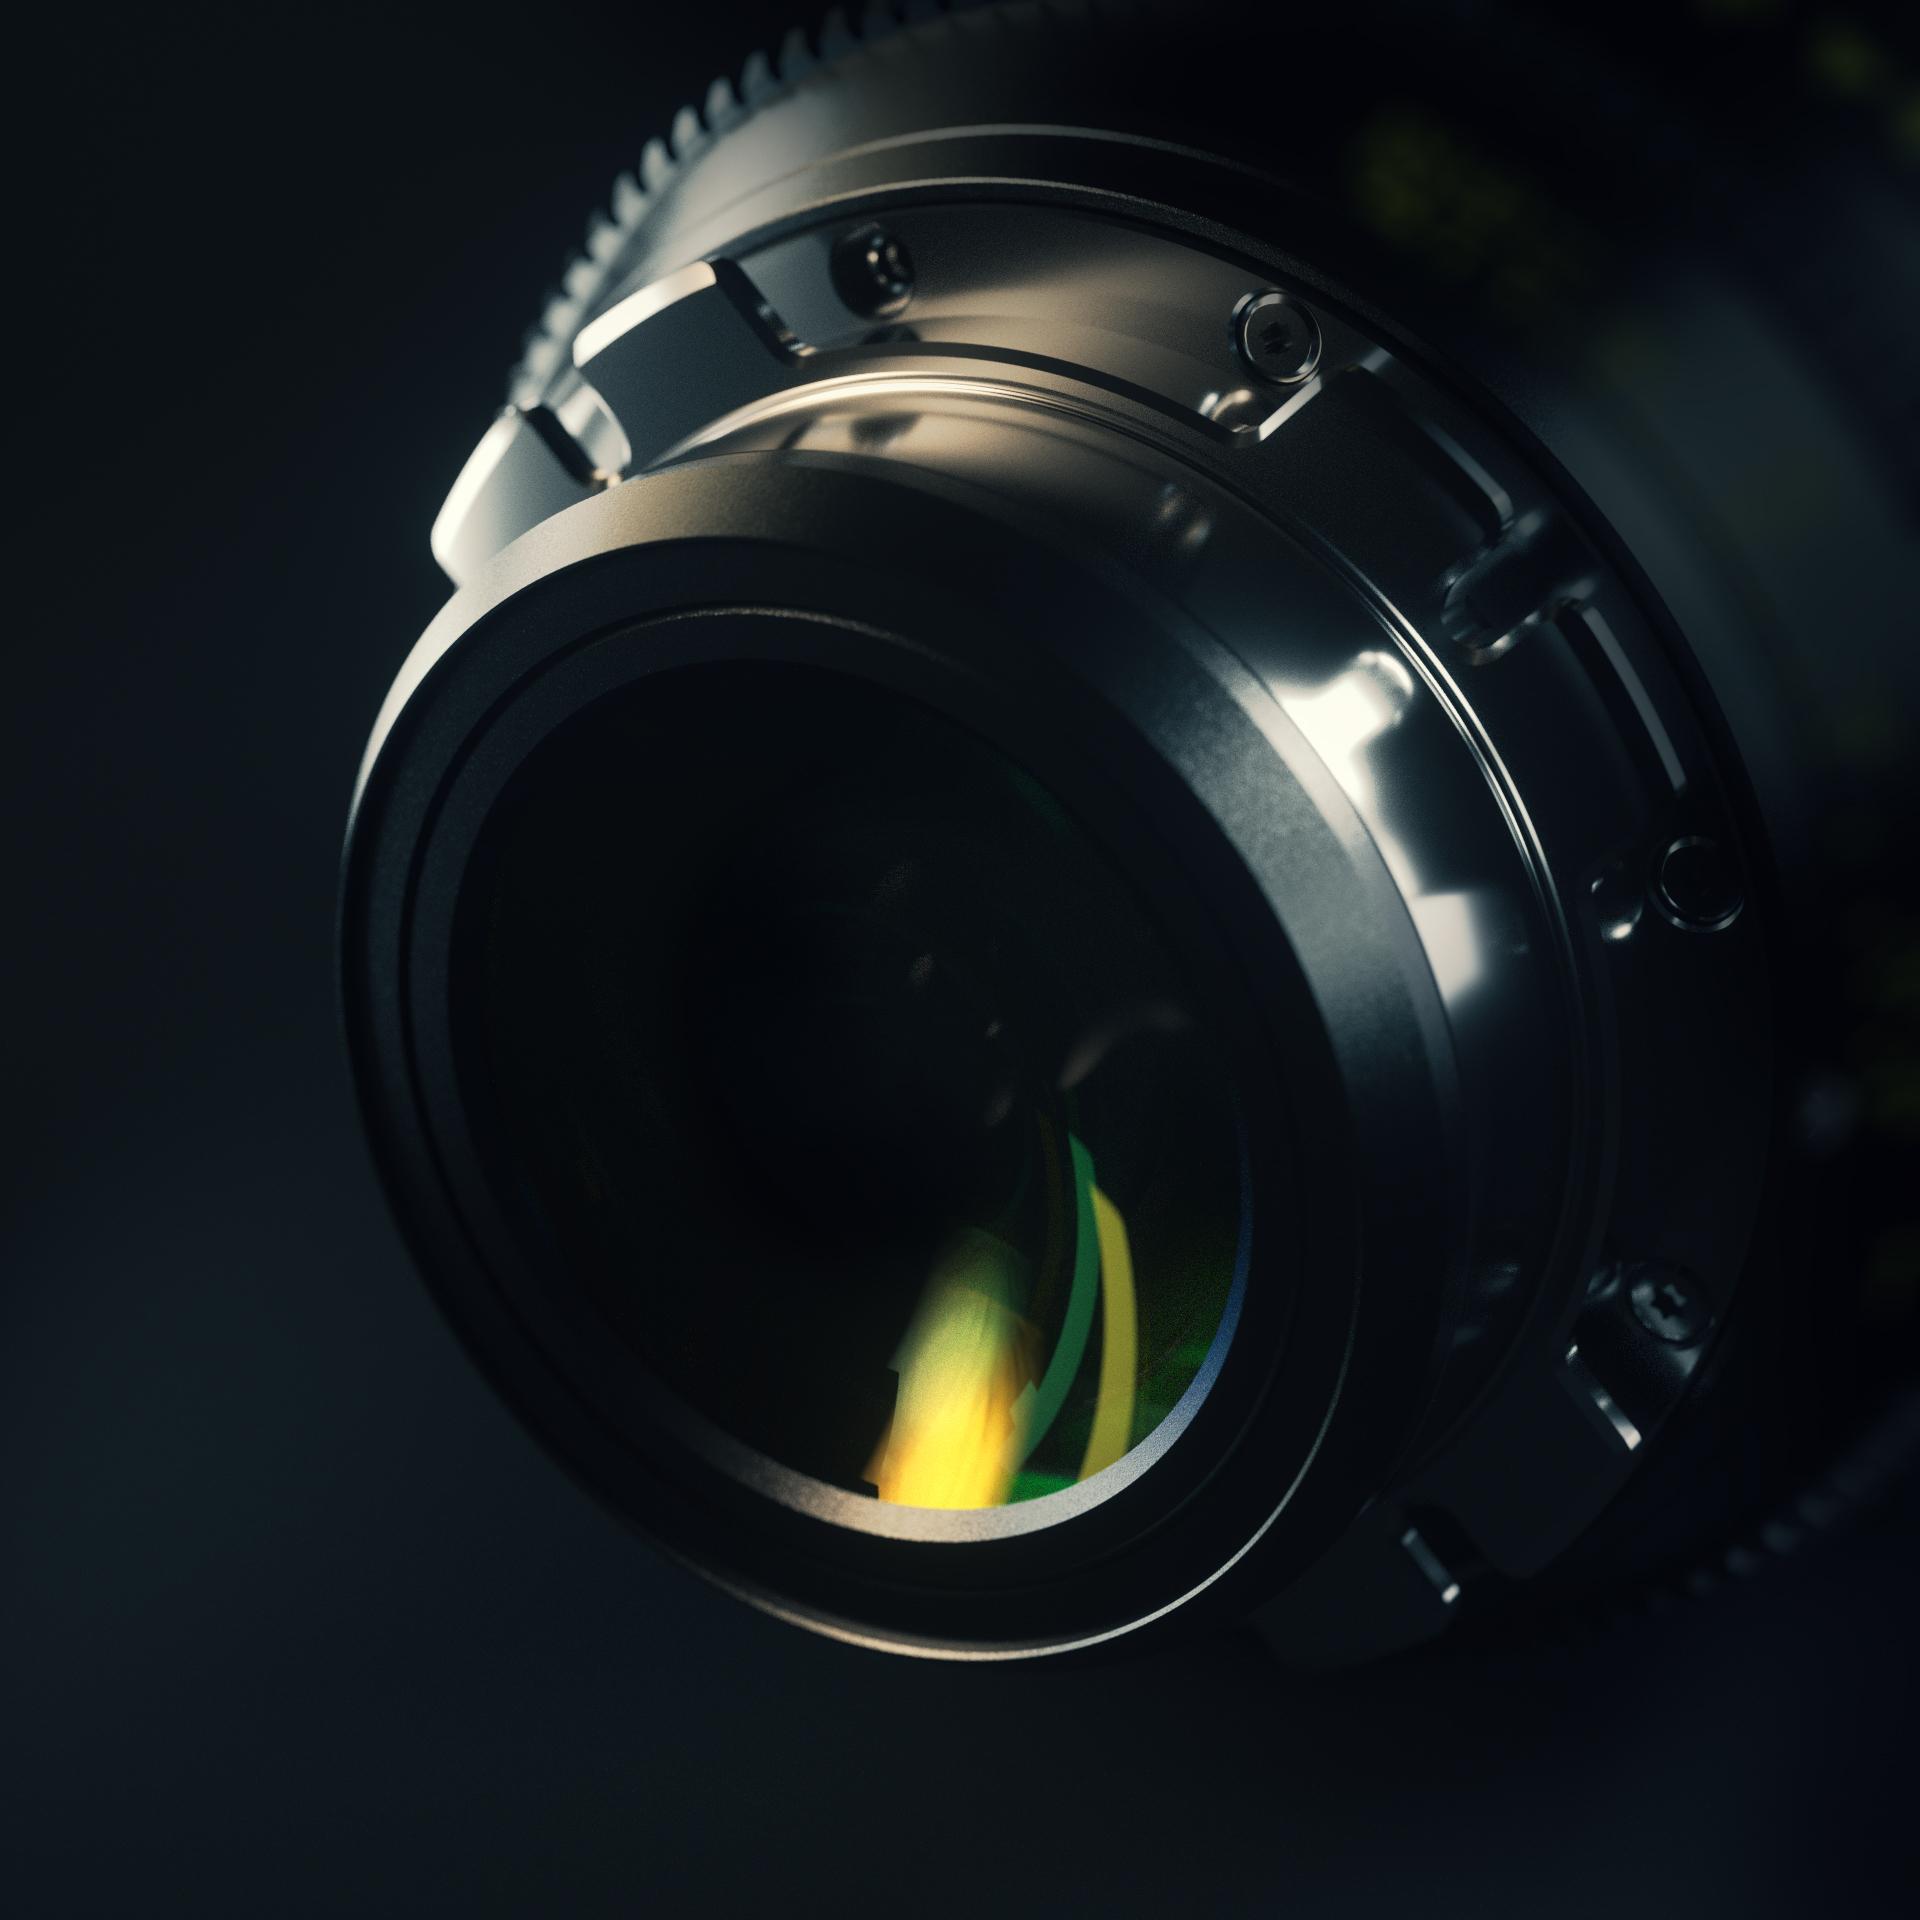 DZOFILM Vespid Lens